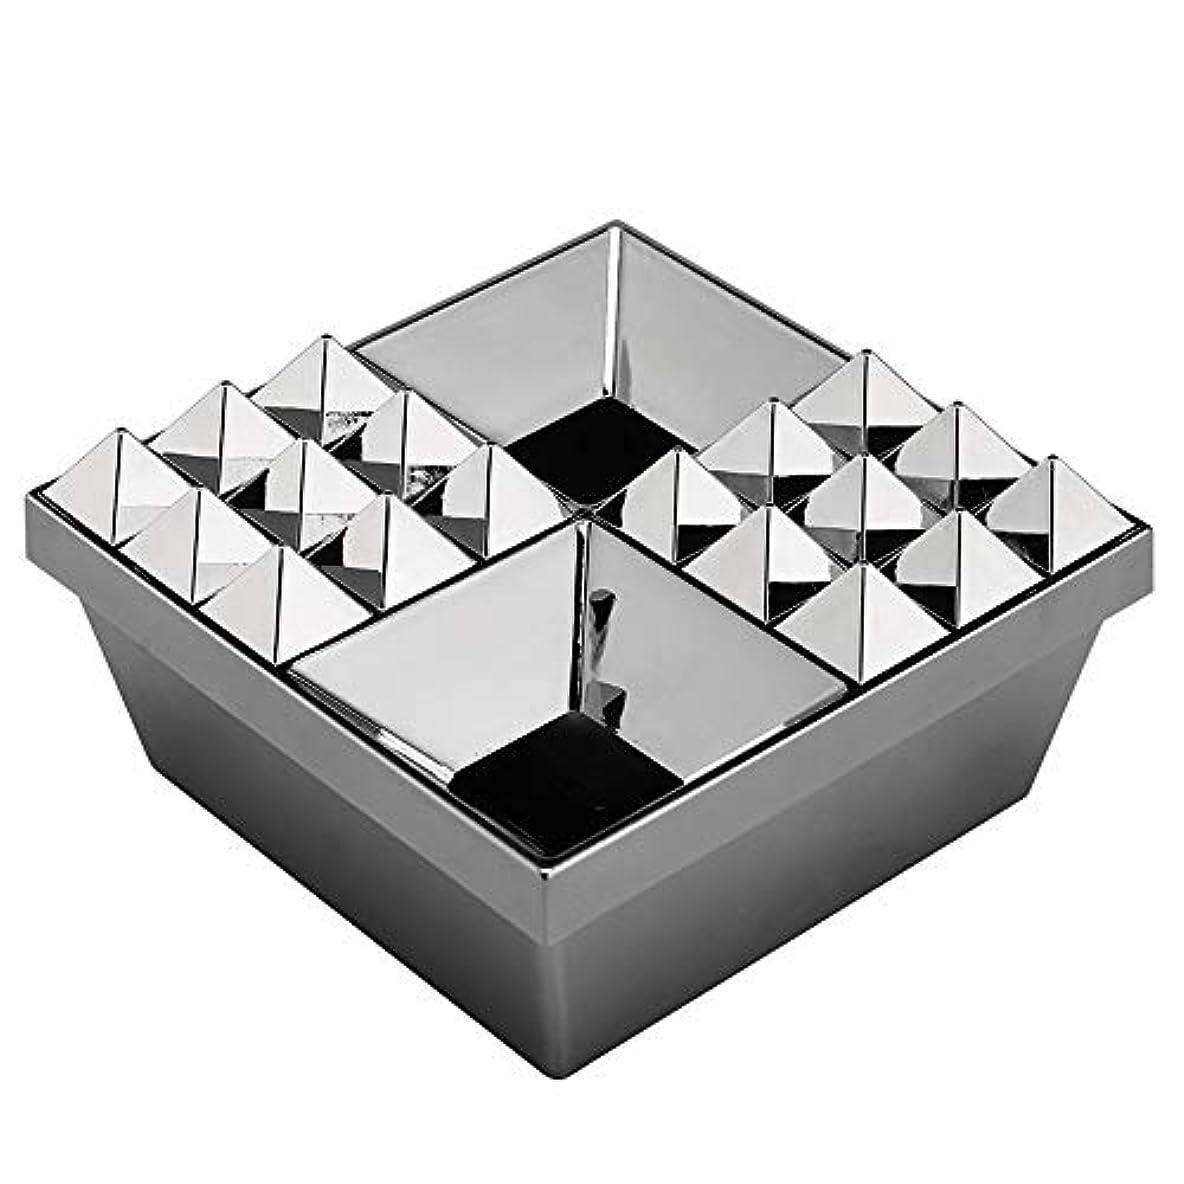 ソーセージ飼いならす何でもふたの家の装飾とタバコの創造的な灰皿のための灰皿 (色 : 銀)